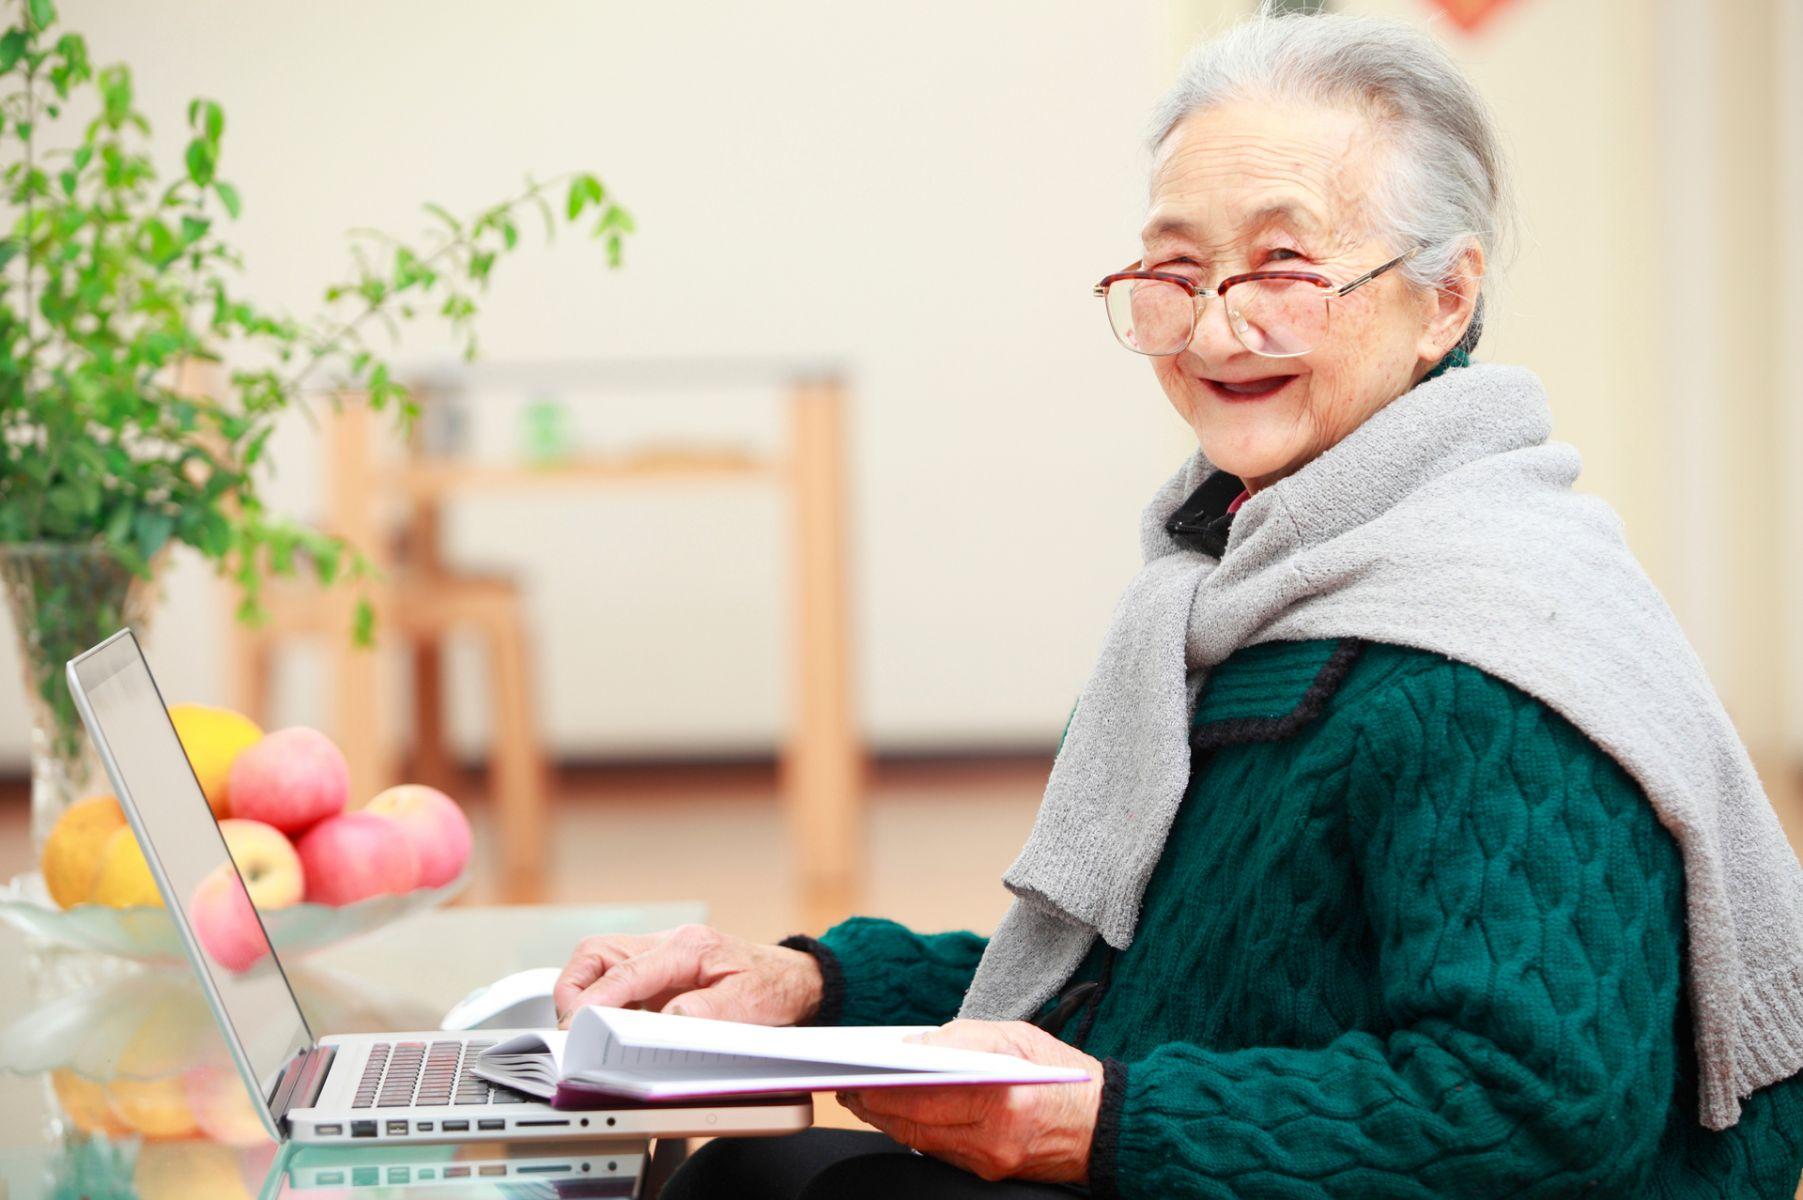 日本百歲女作家心境年輕 即使生病說話也不病懨懨